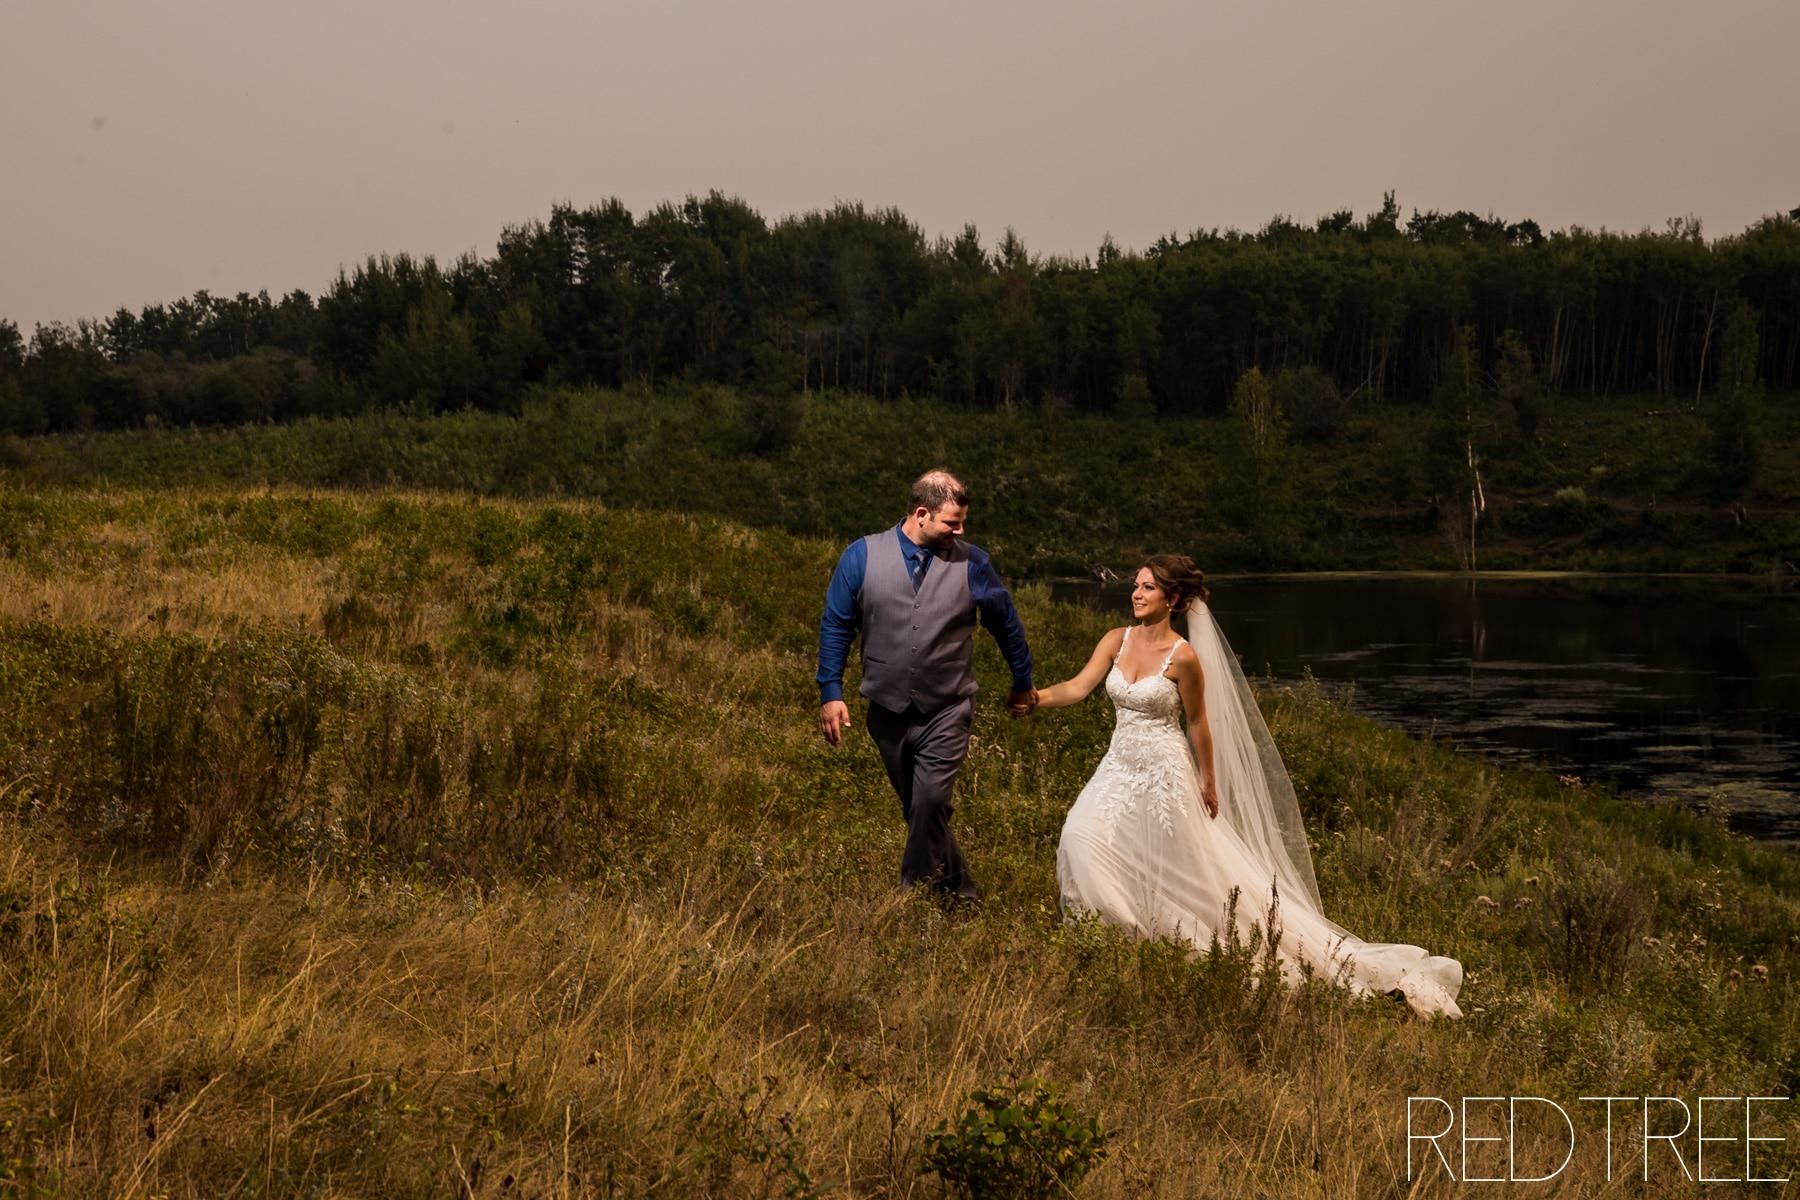 Ferintosh Wedding Photography: Camrose Wedding Photographers